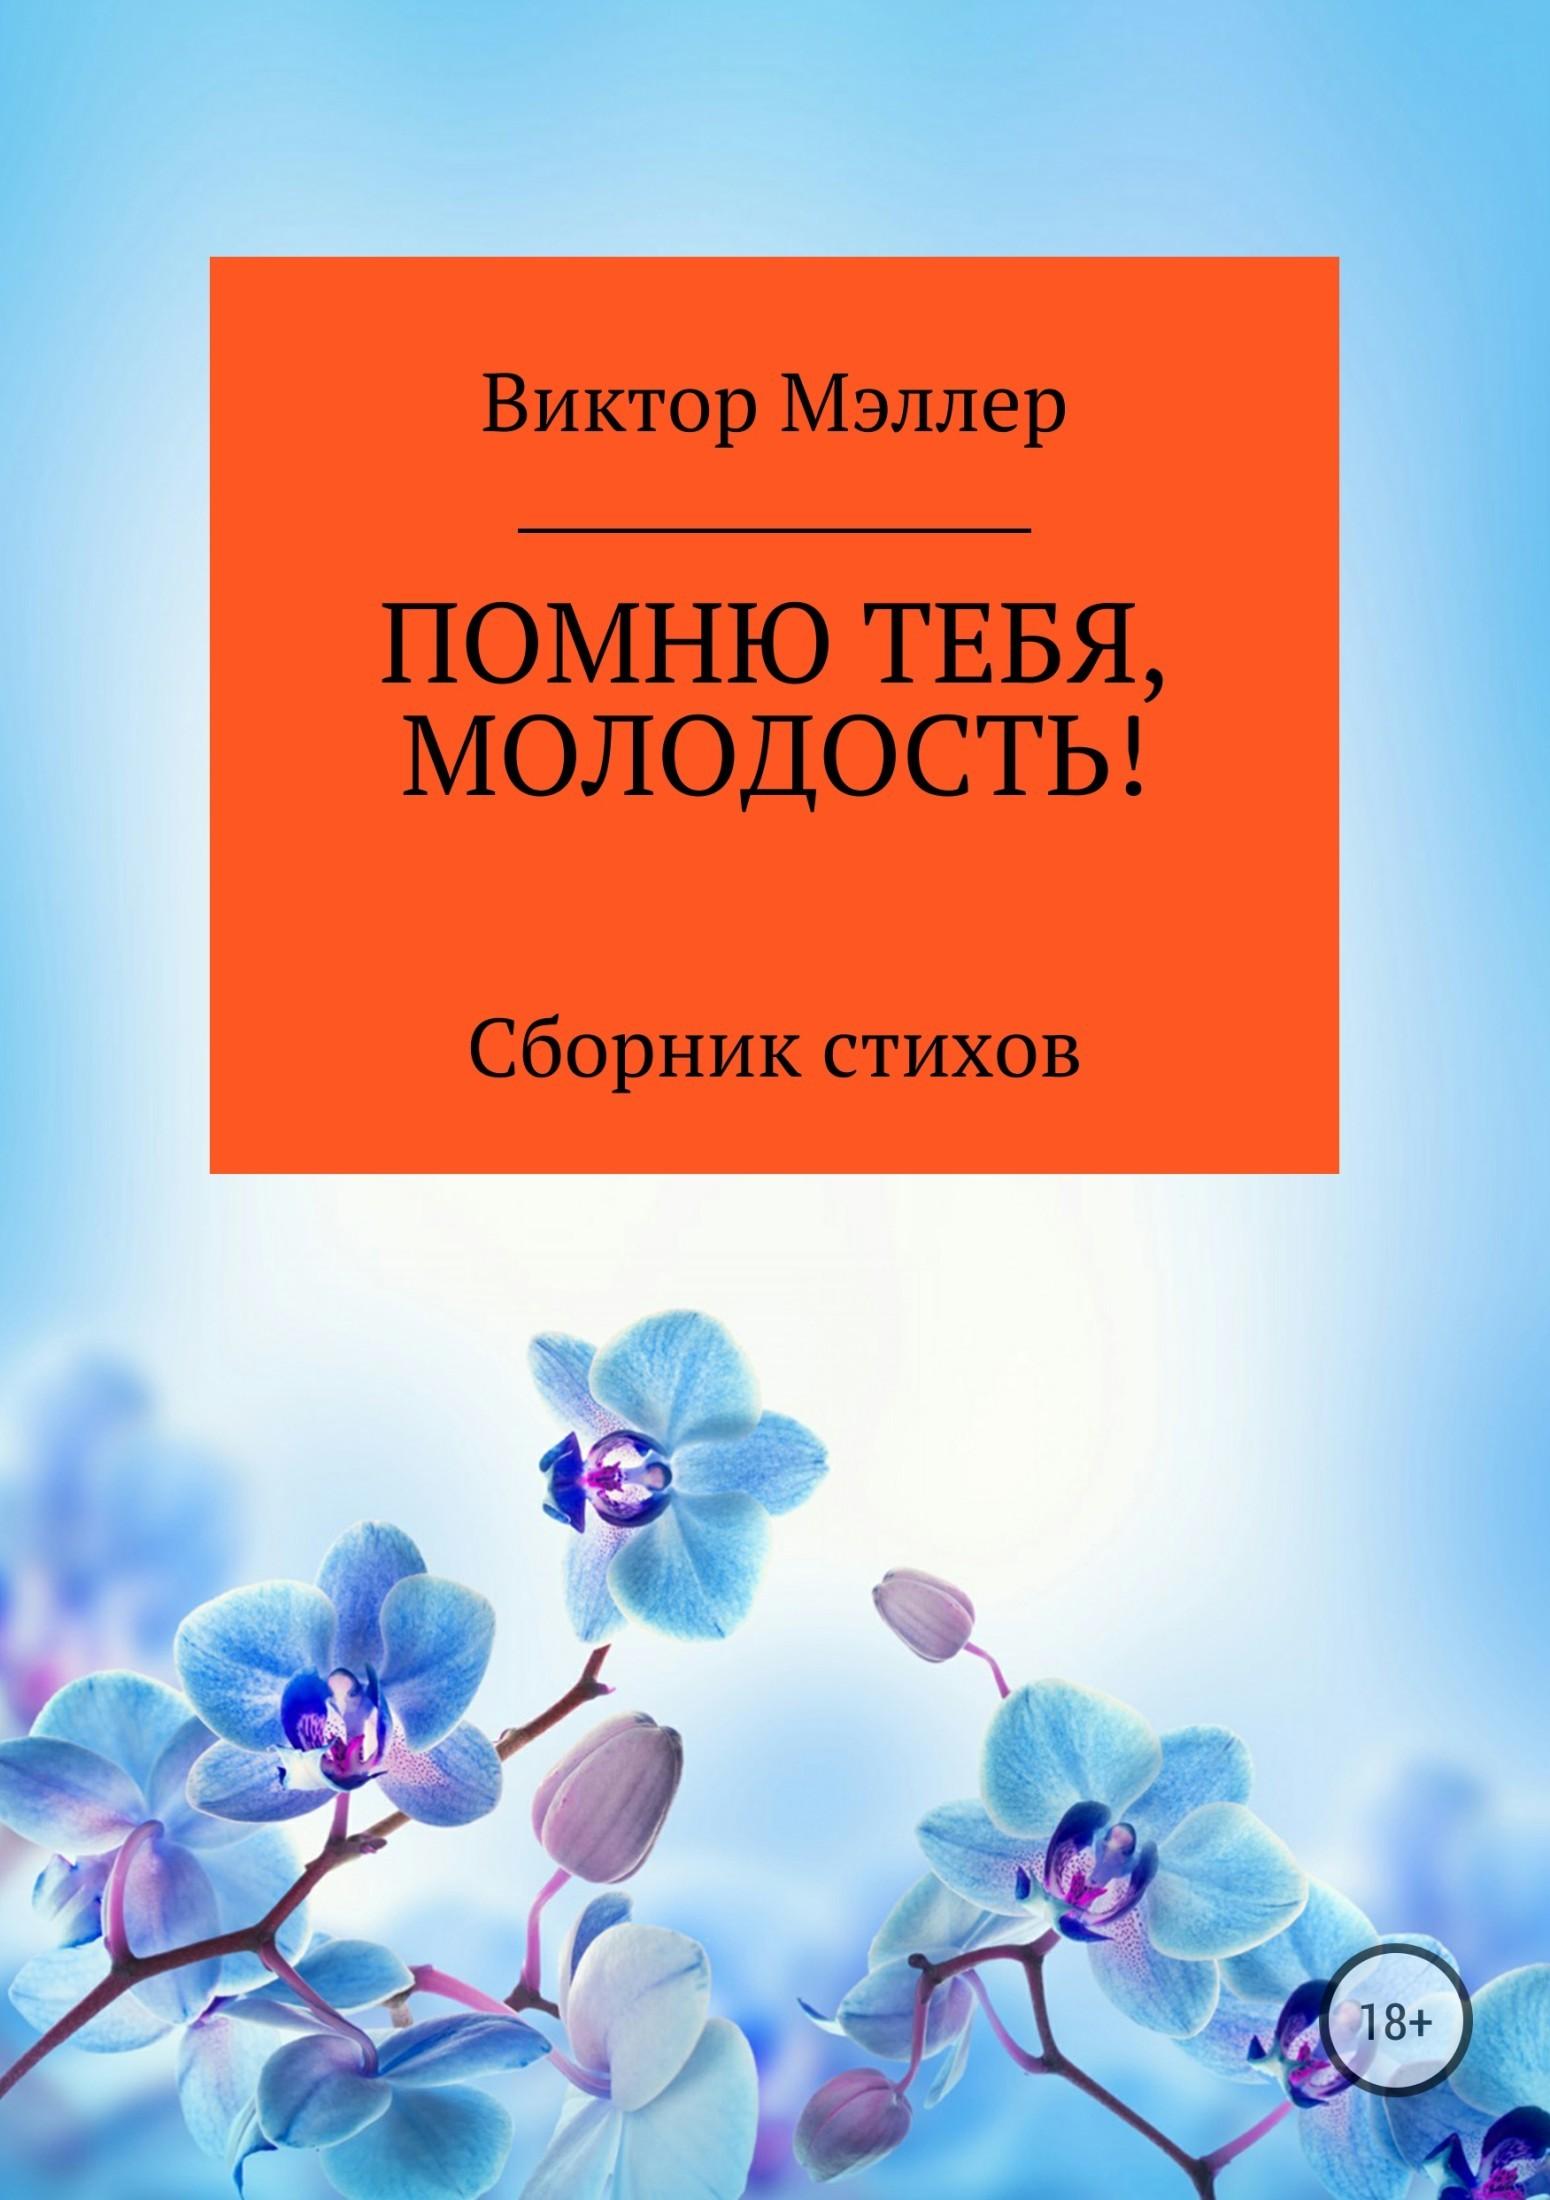 ВИКТОР ГРИГОРЬЕВИЧ МЭЛЛЕР бесплатно